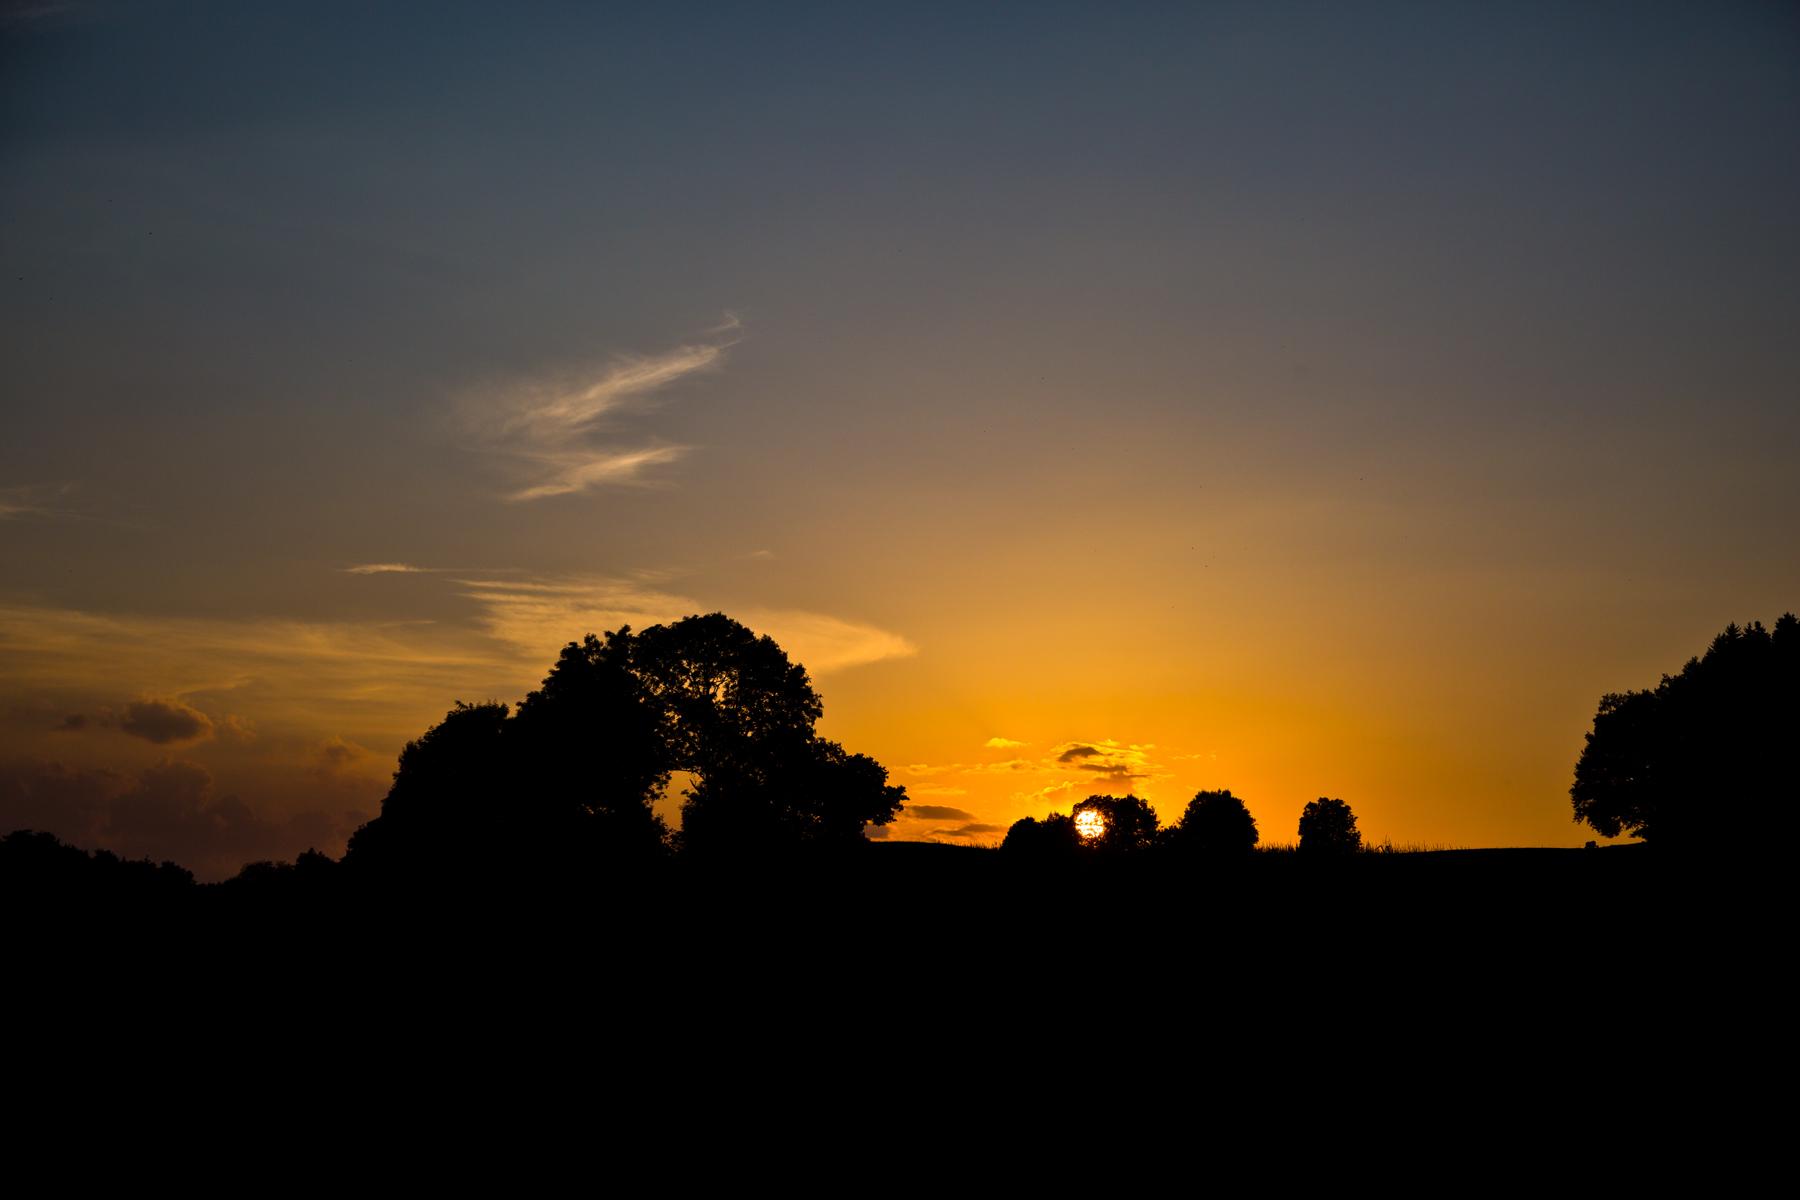 Sonnenuntergang bei Amtzell